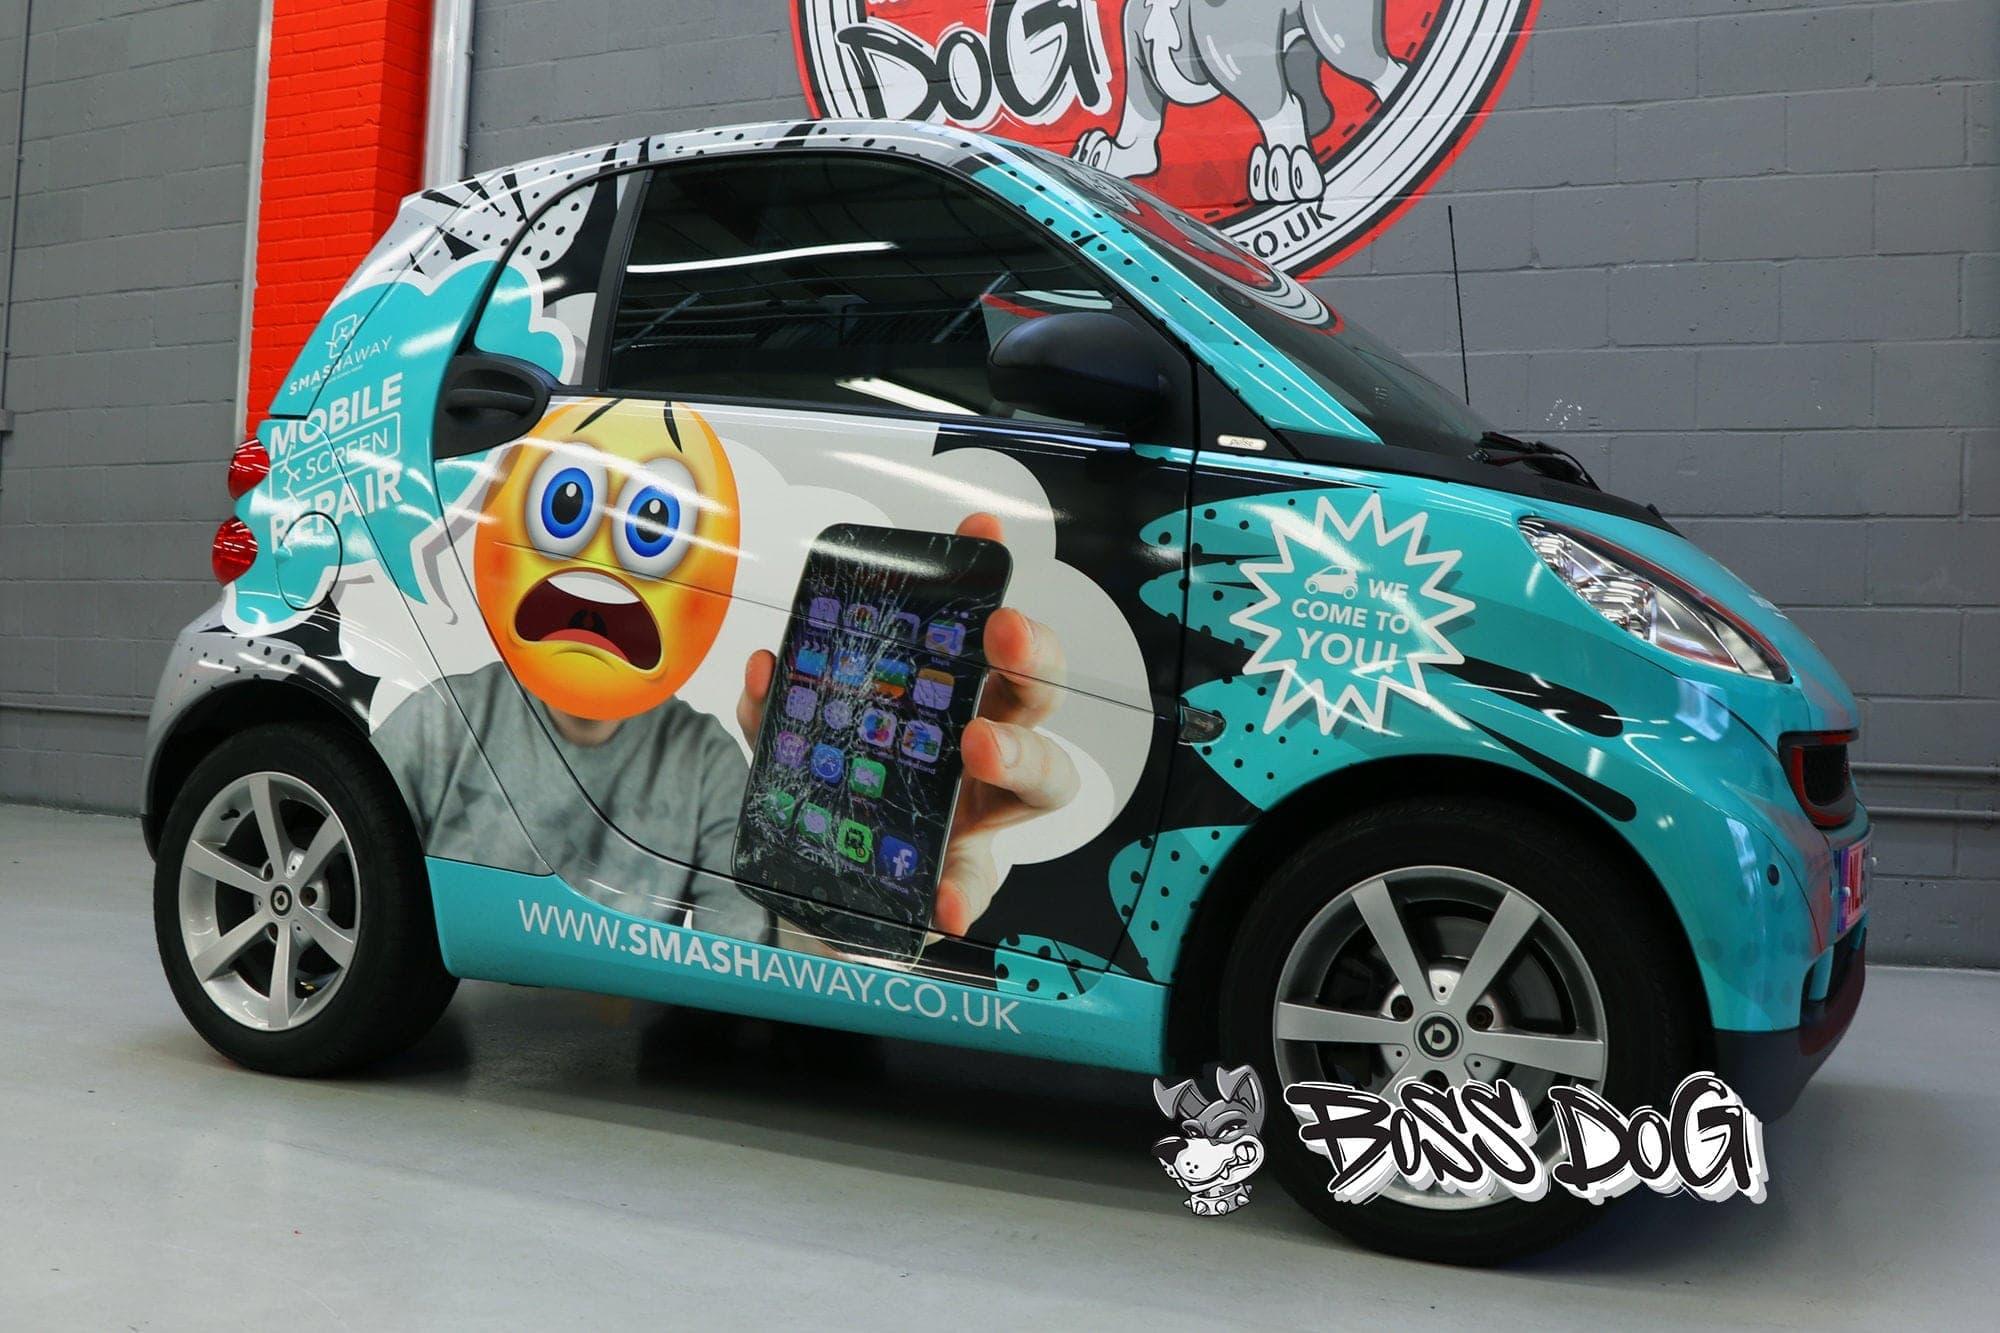 Smart car smash away full wrap digital print